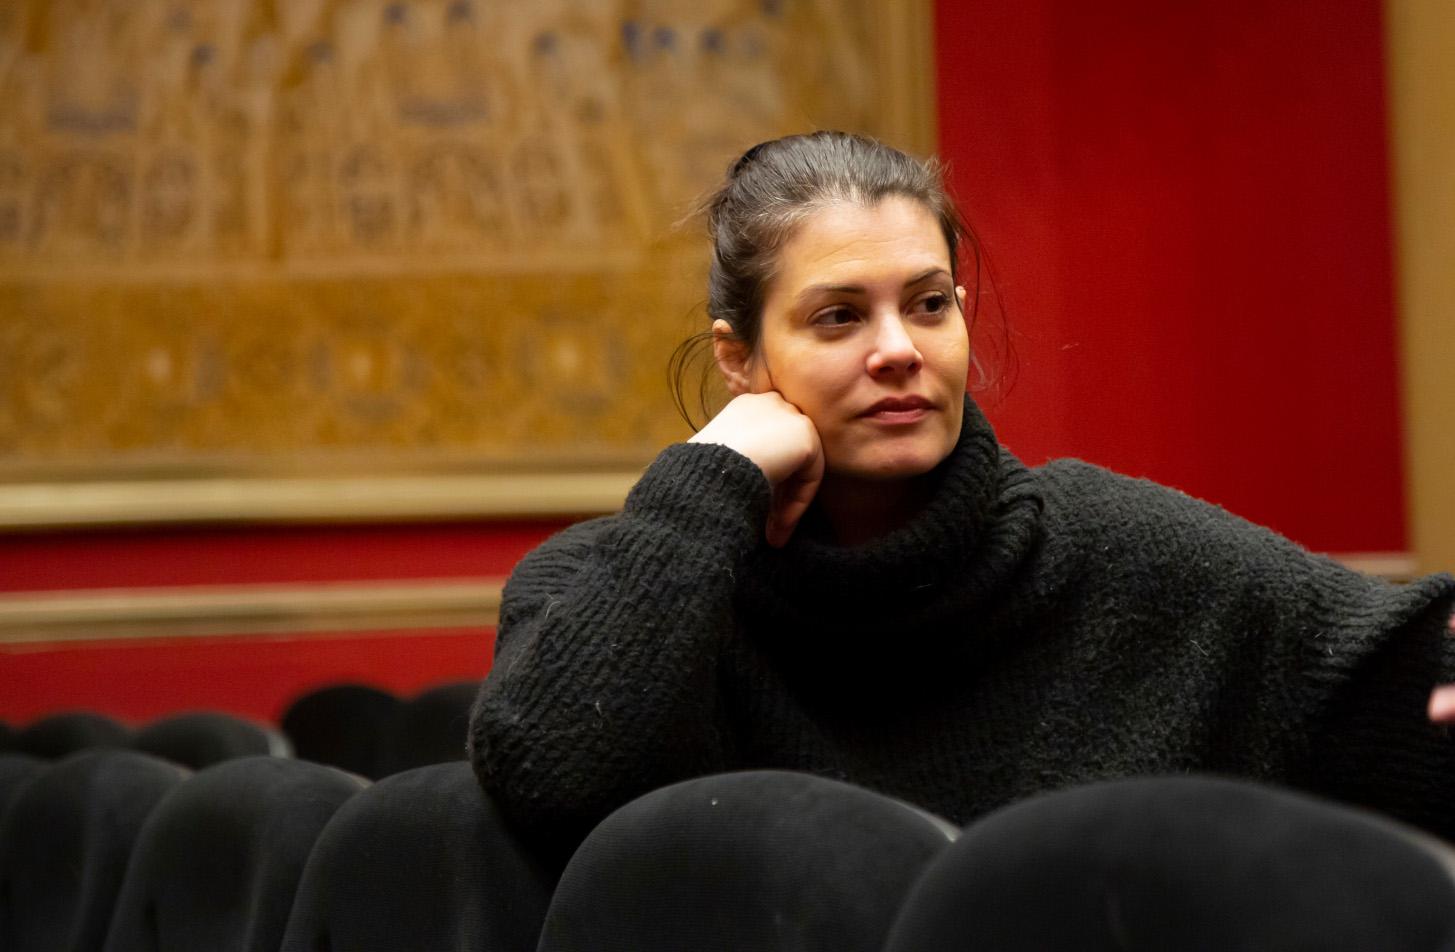 Η Μαρία Κορινθίου μας «ξεναγεί» σε μια πλευρά της που αξίζει πολύ περισσότερης προσοχής